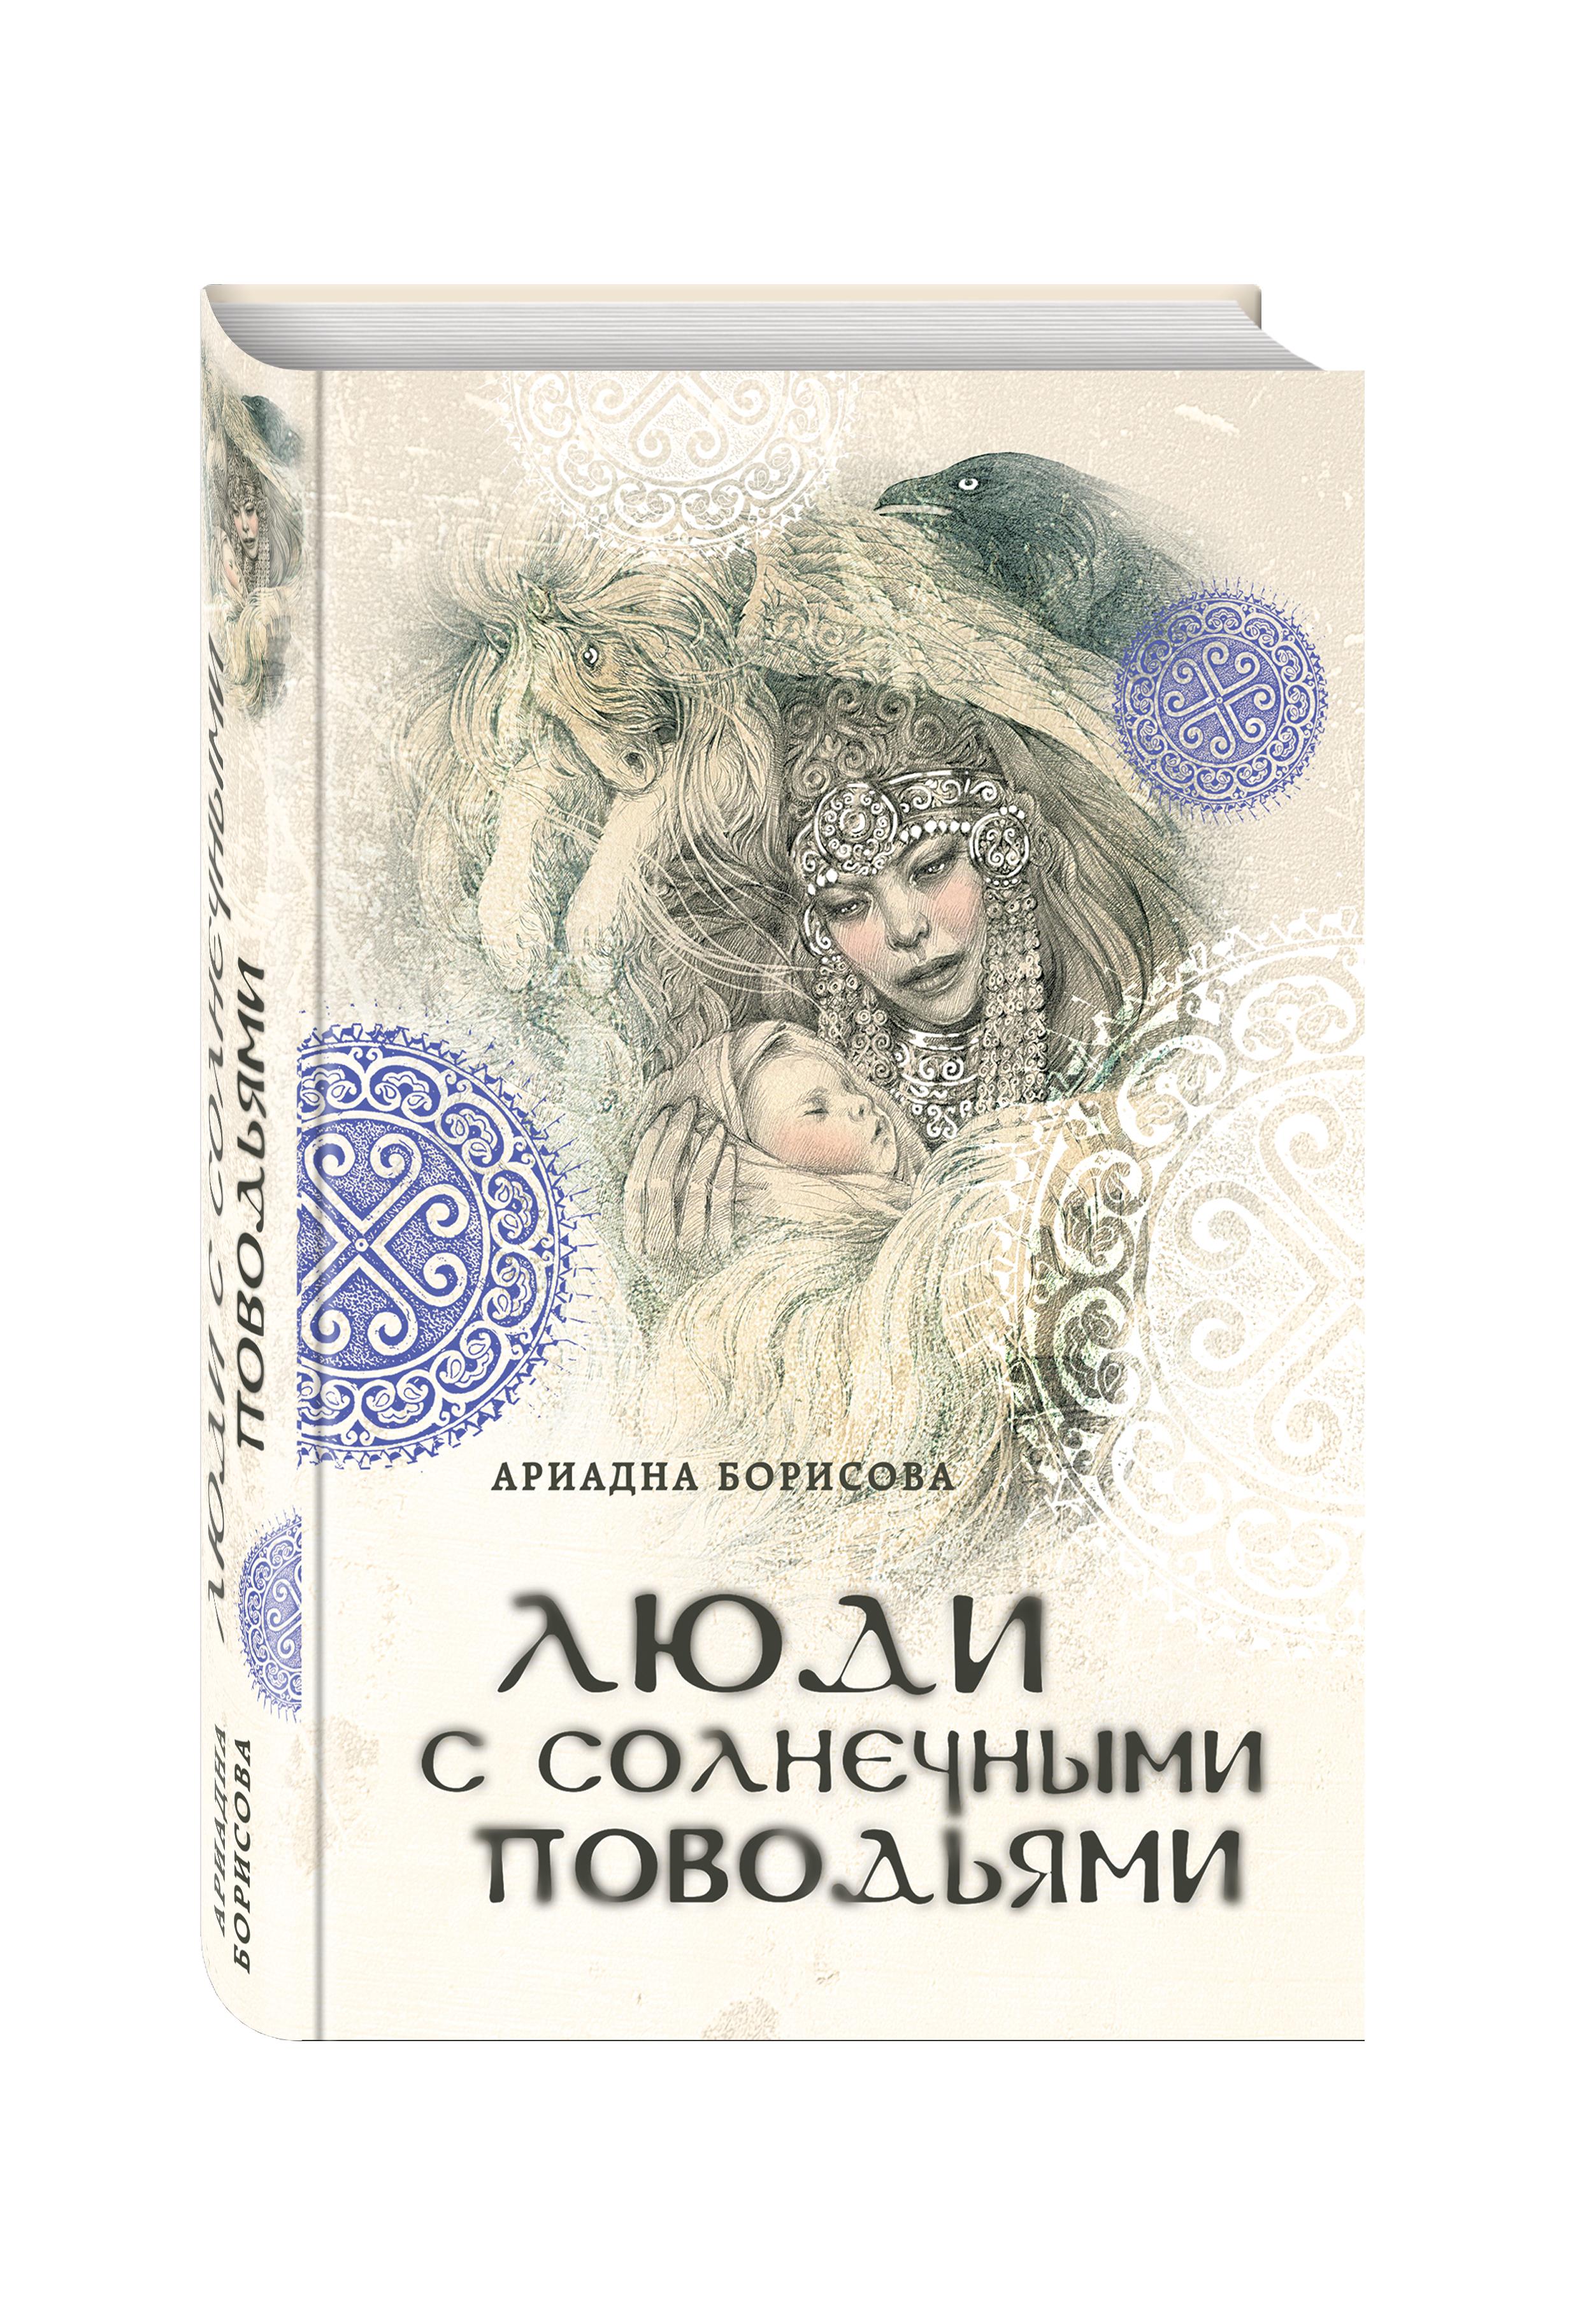 Борисова А. Люди с солнечными поводьями